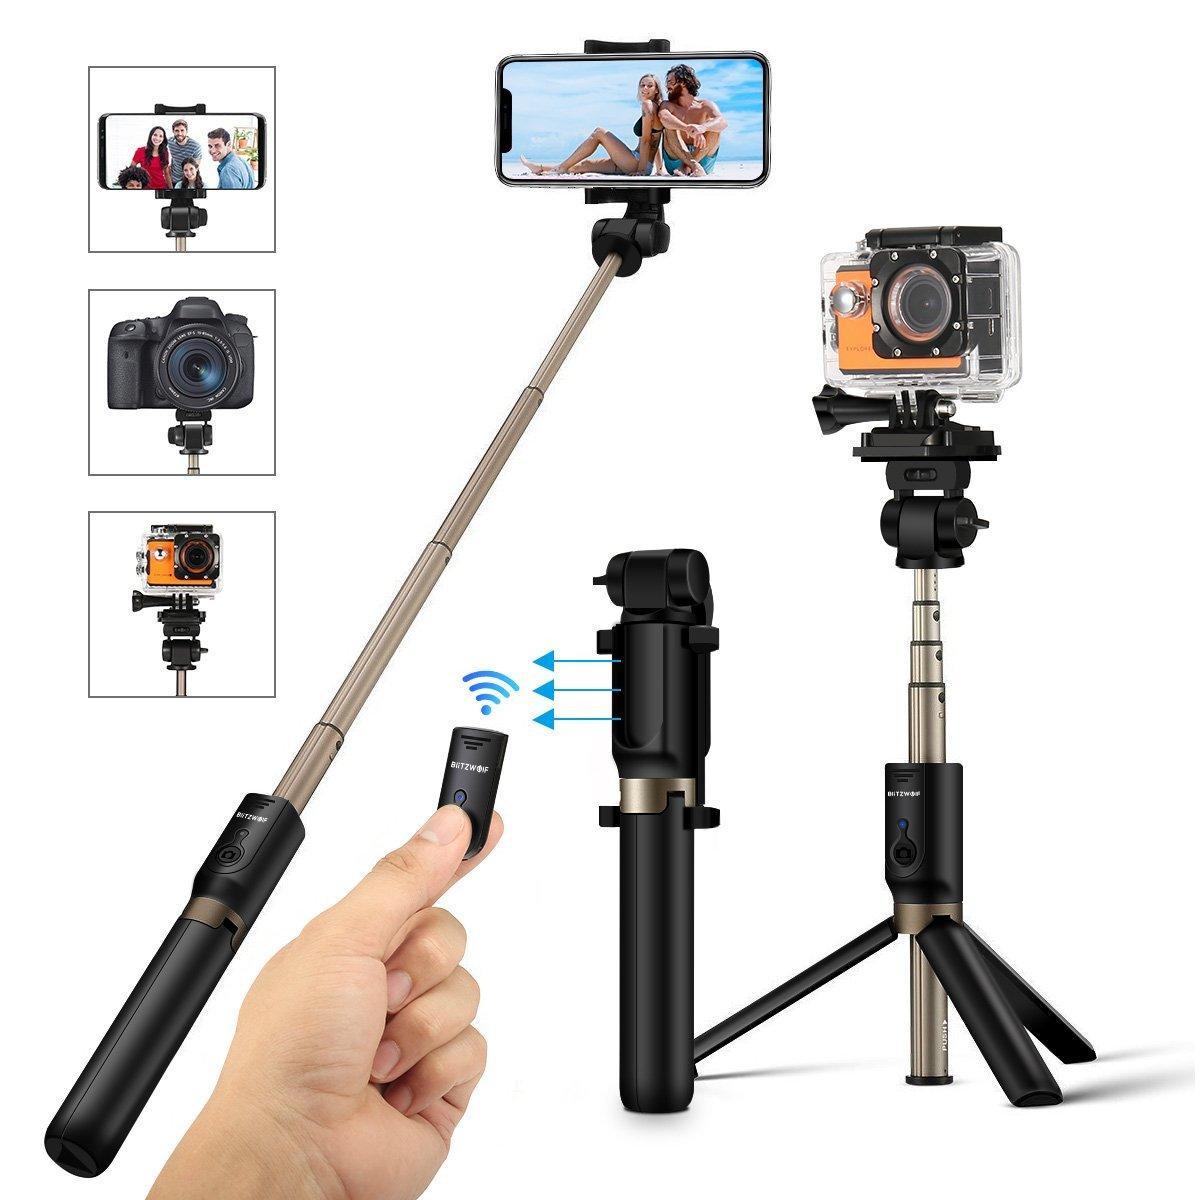 BlitzWolf BW-BS3 3 in 1 Bluetooth Tripod Selfie Stick